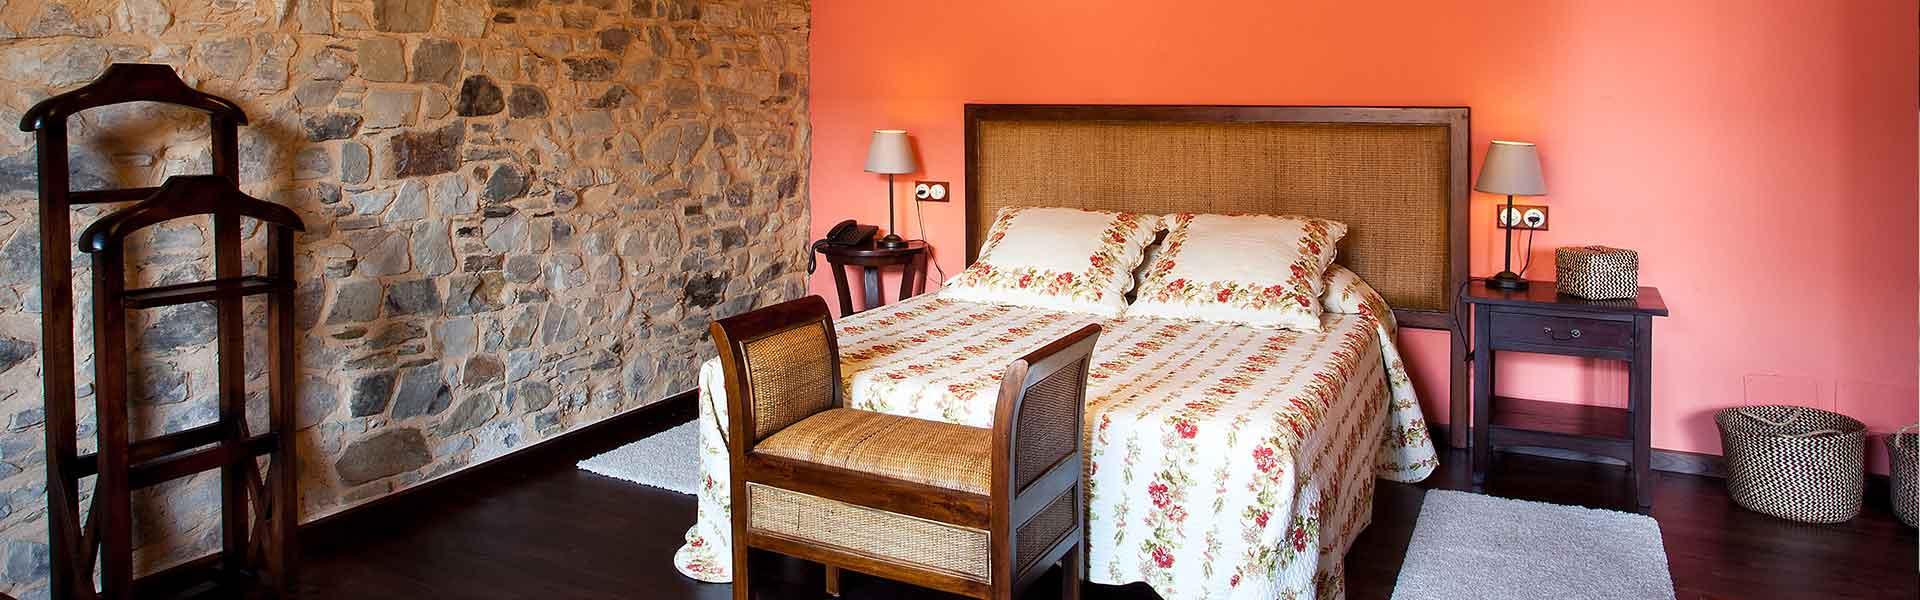 habitacion-standard-hotel-casa-cachon